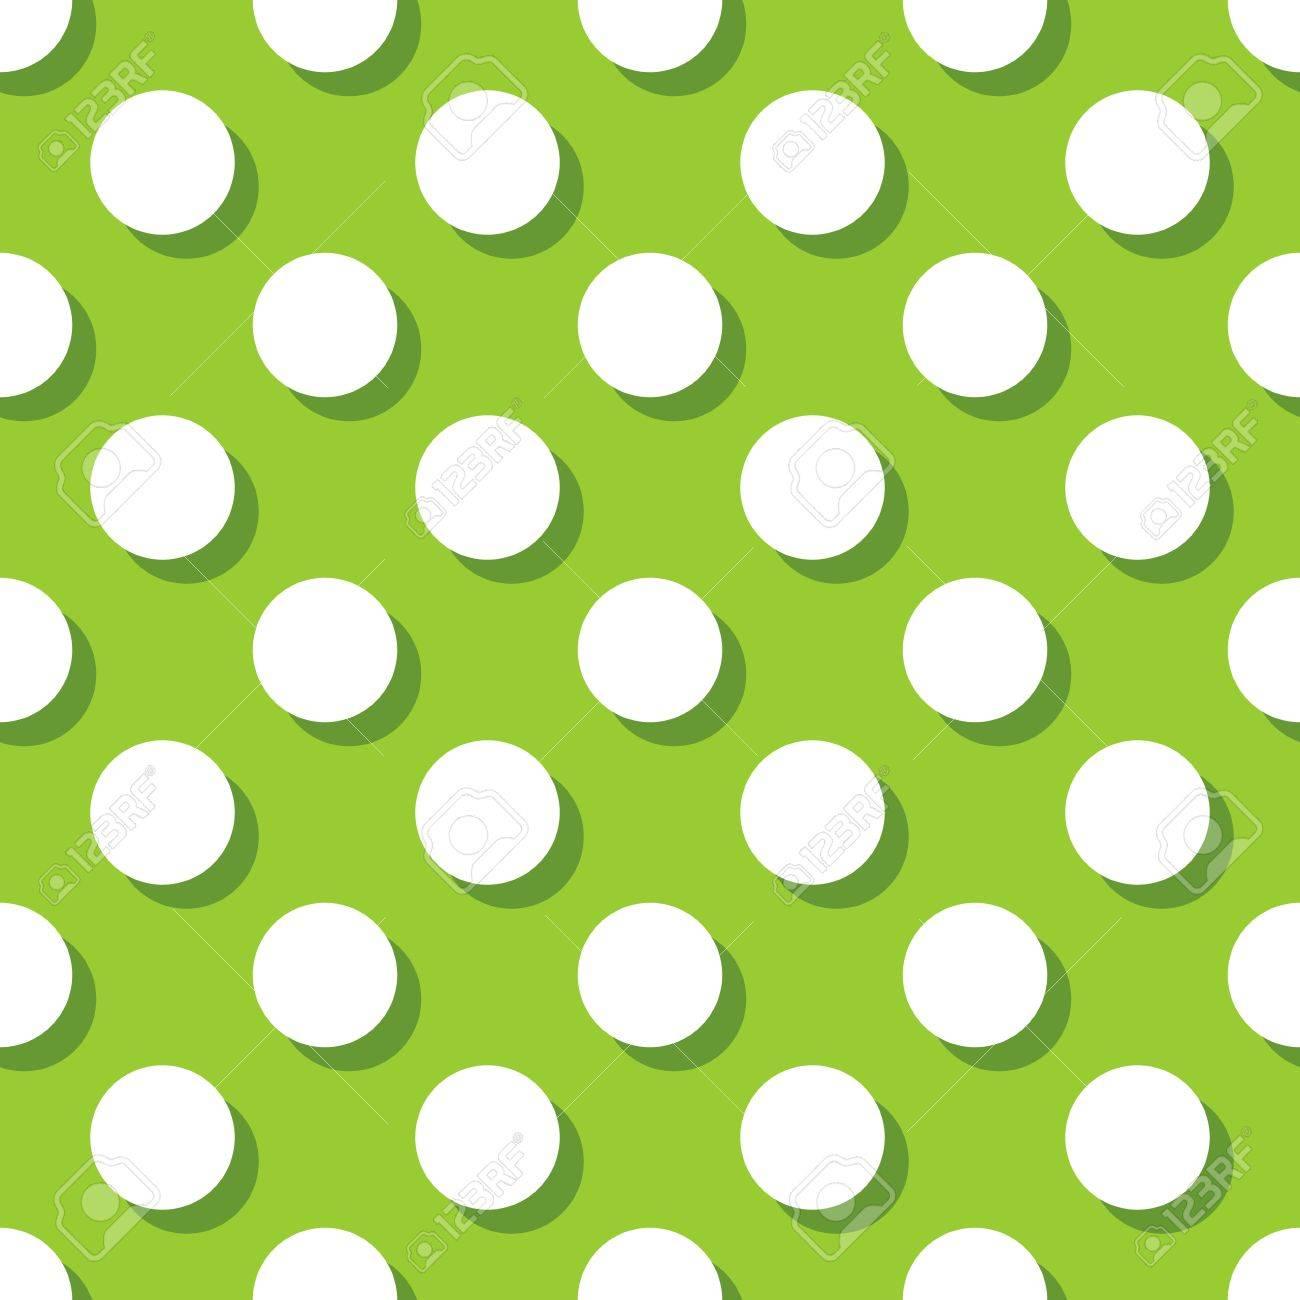 Patrón De Mosaico Con Grandes Lunares Blancos Con Sombra Sobre Fondo ...